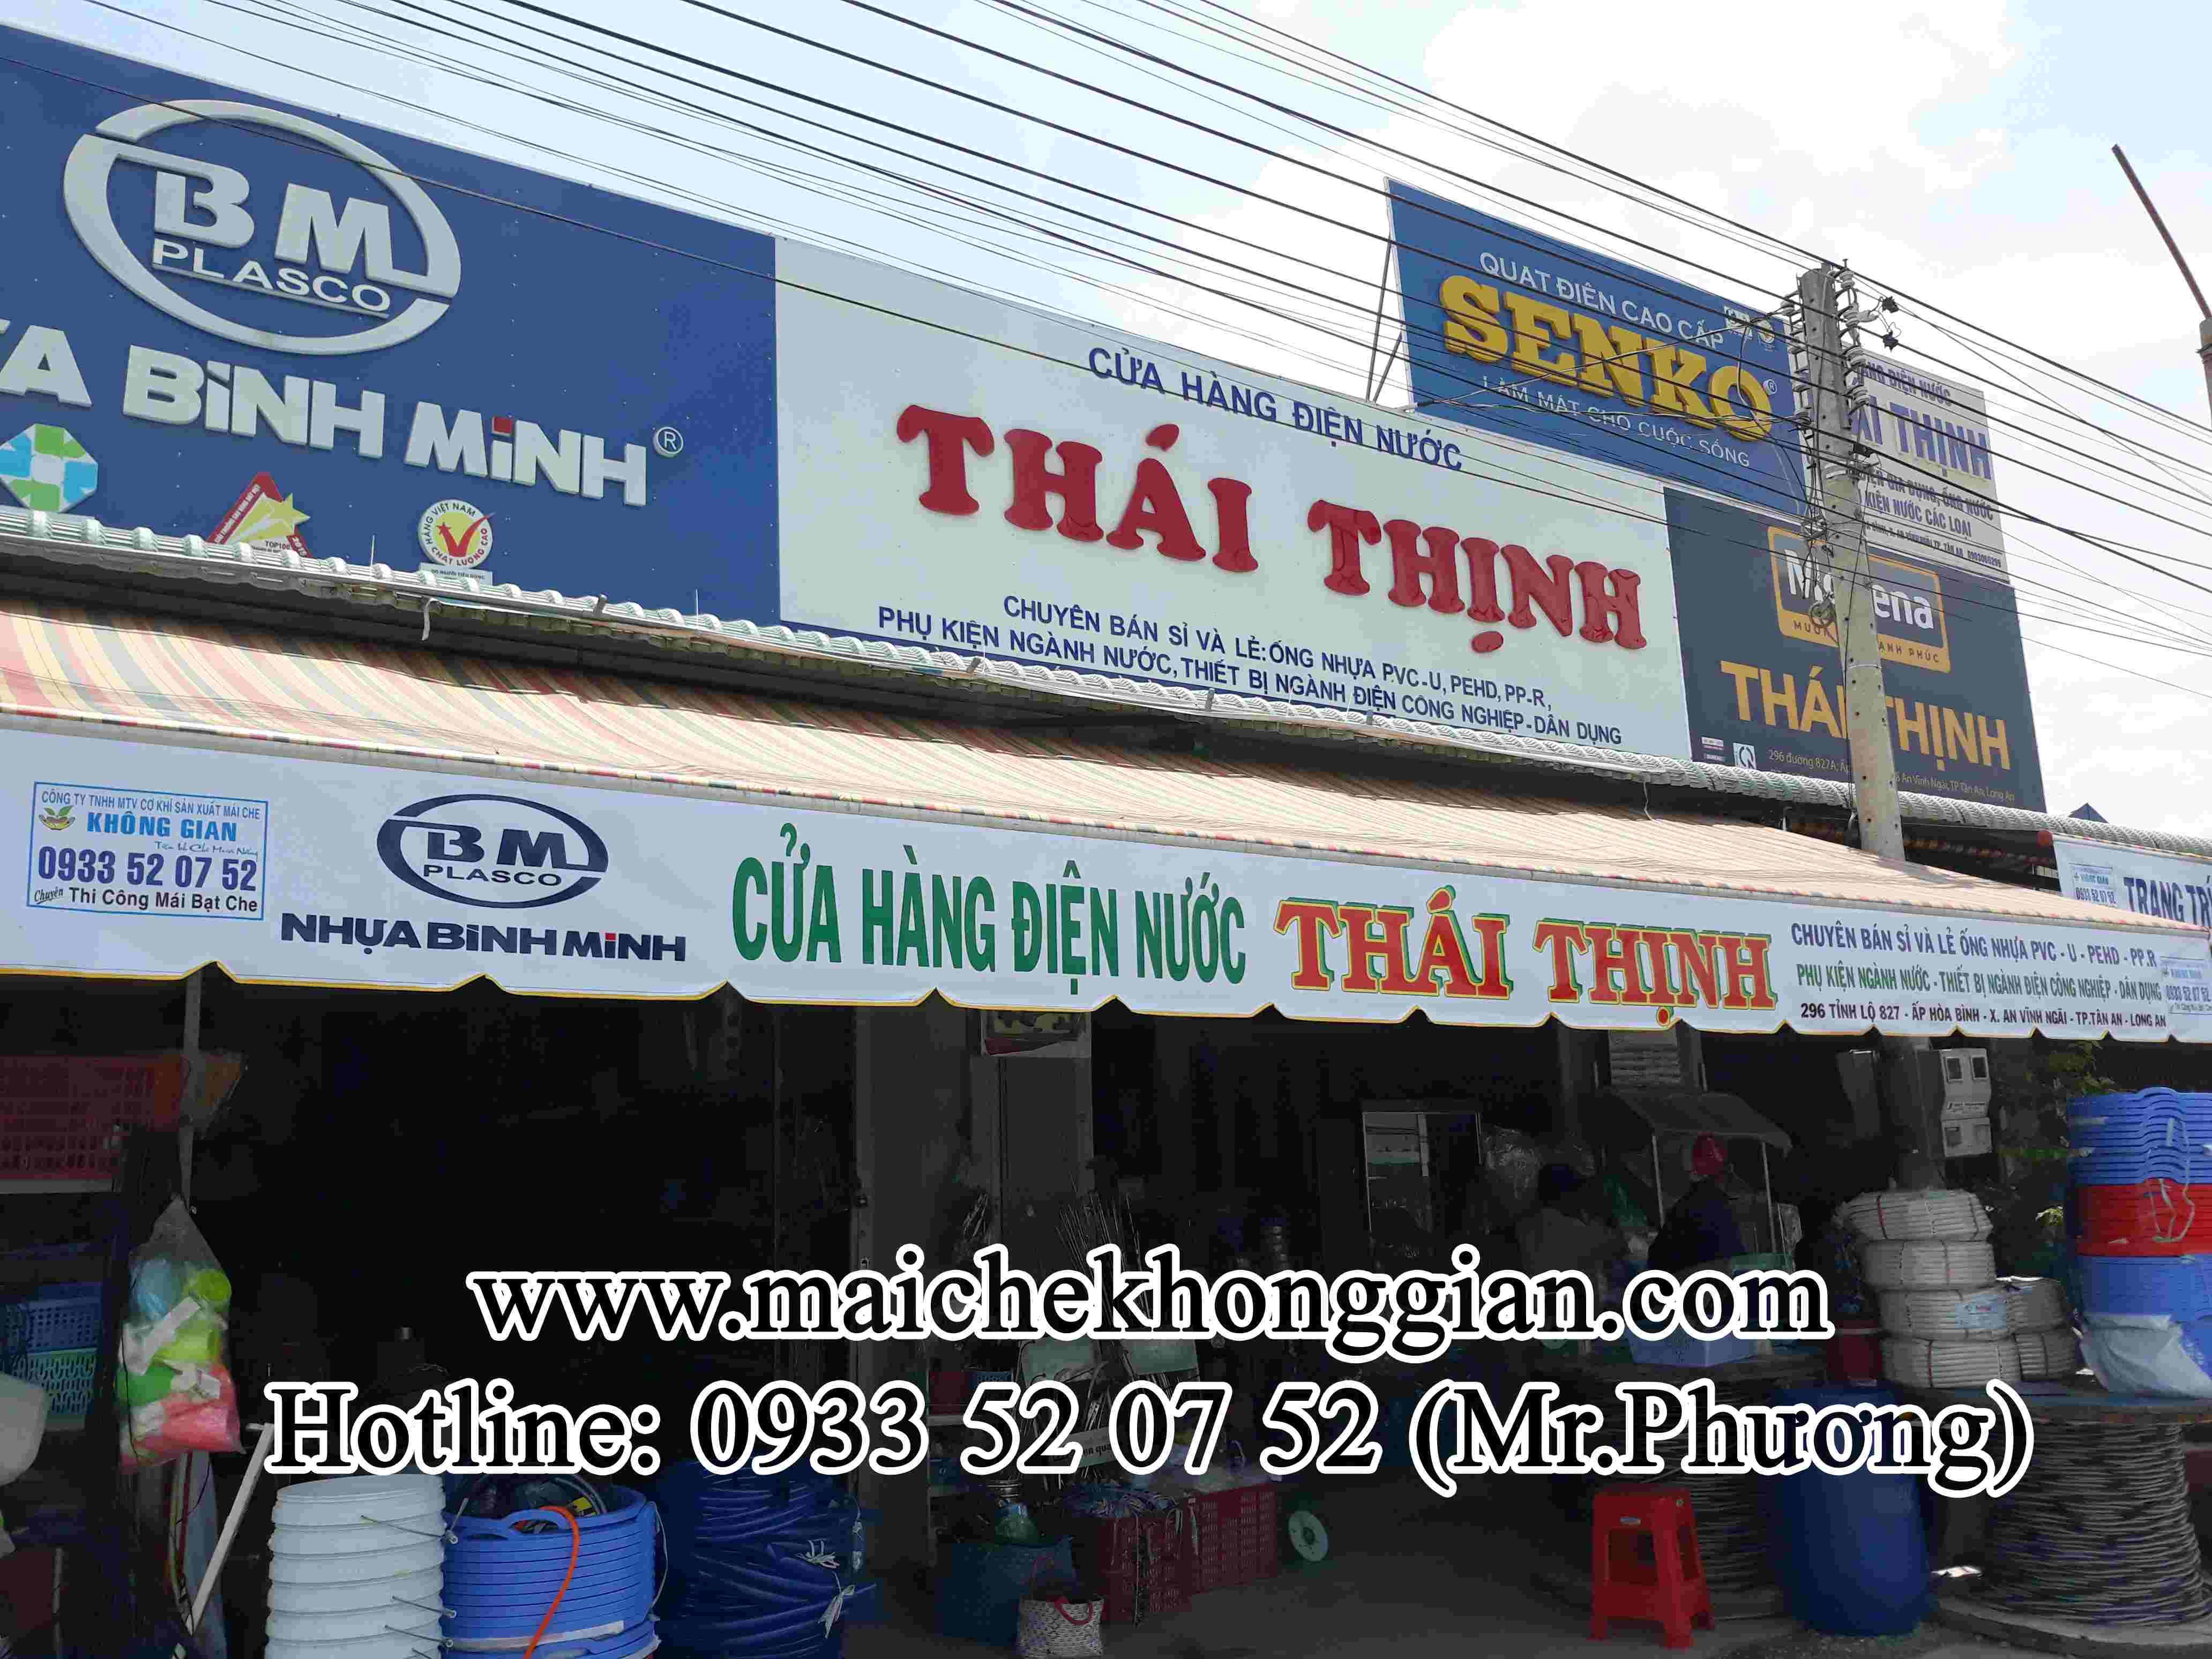 Mái Hiên Quảng Cáo Cửa Hàng Chợ Gạo Tiền Giang